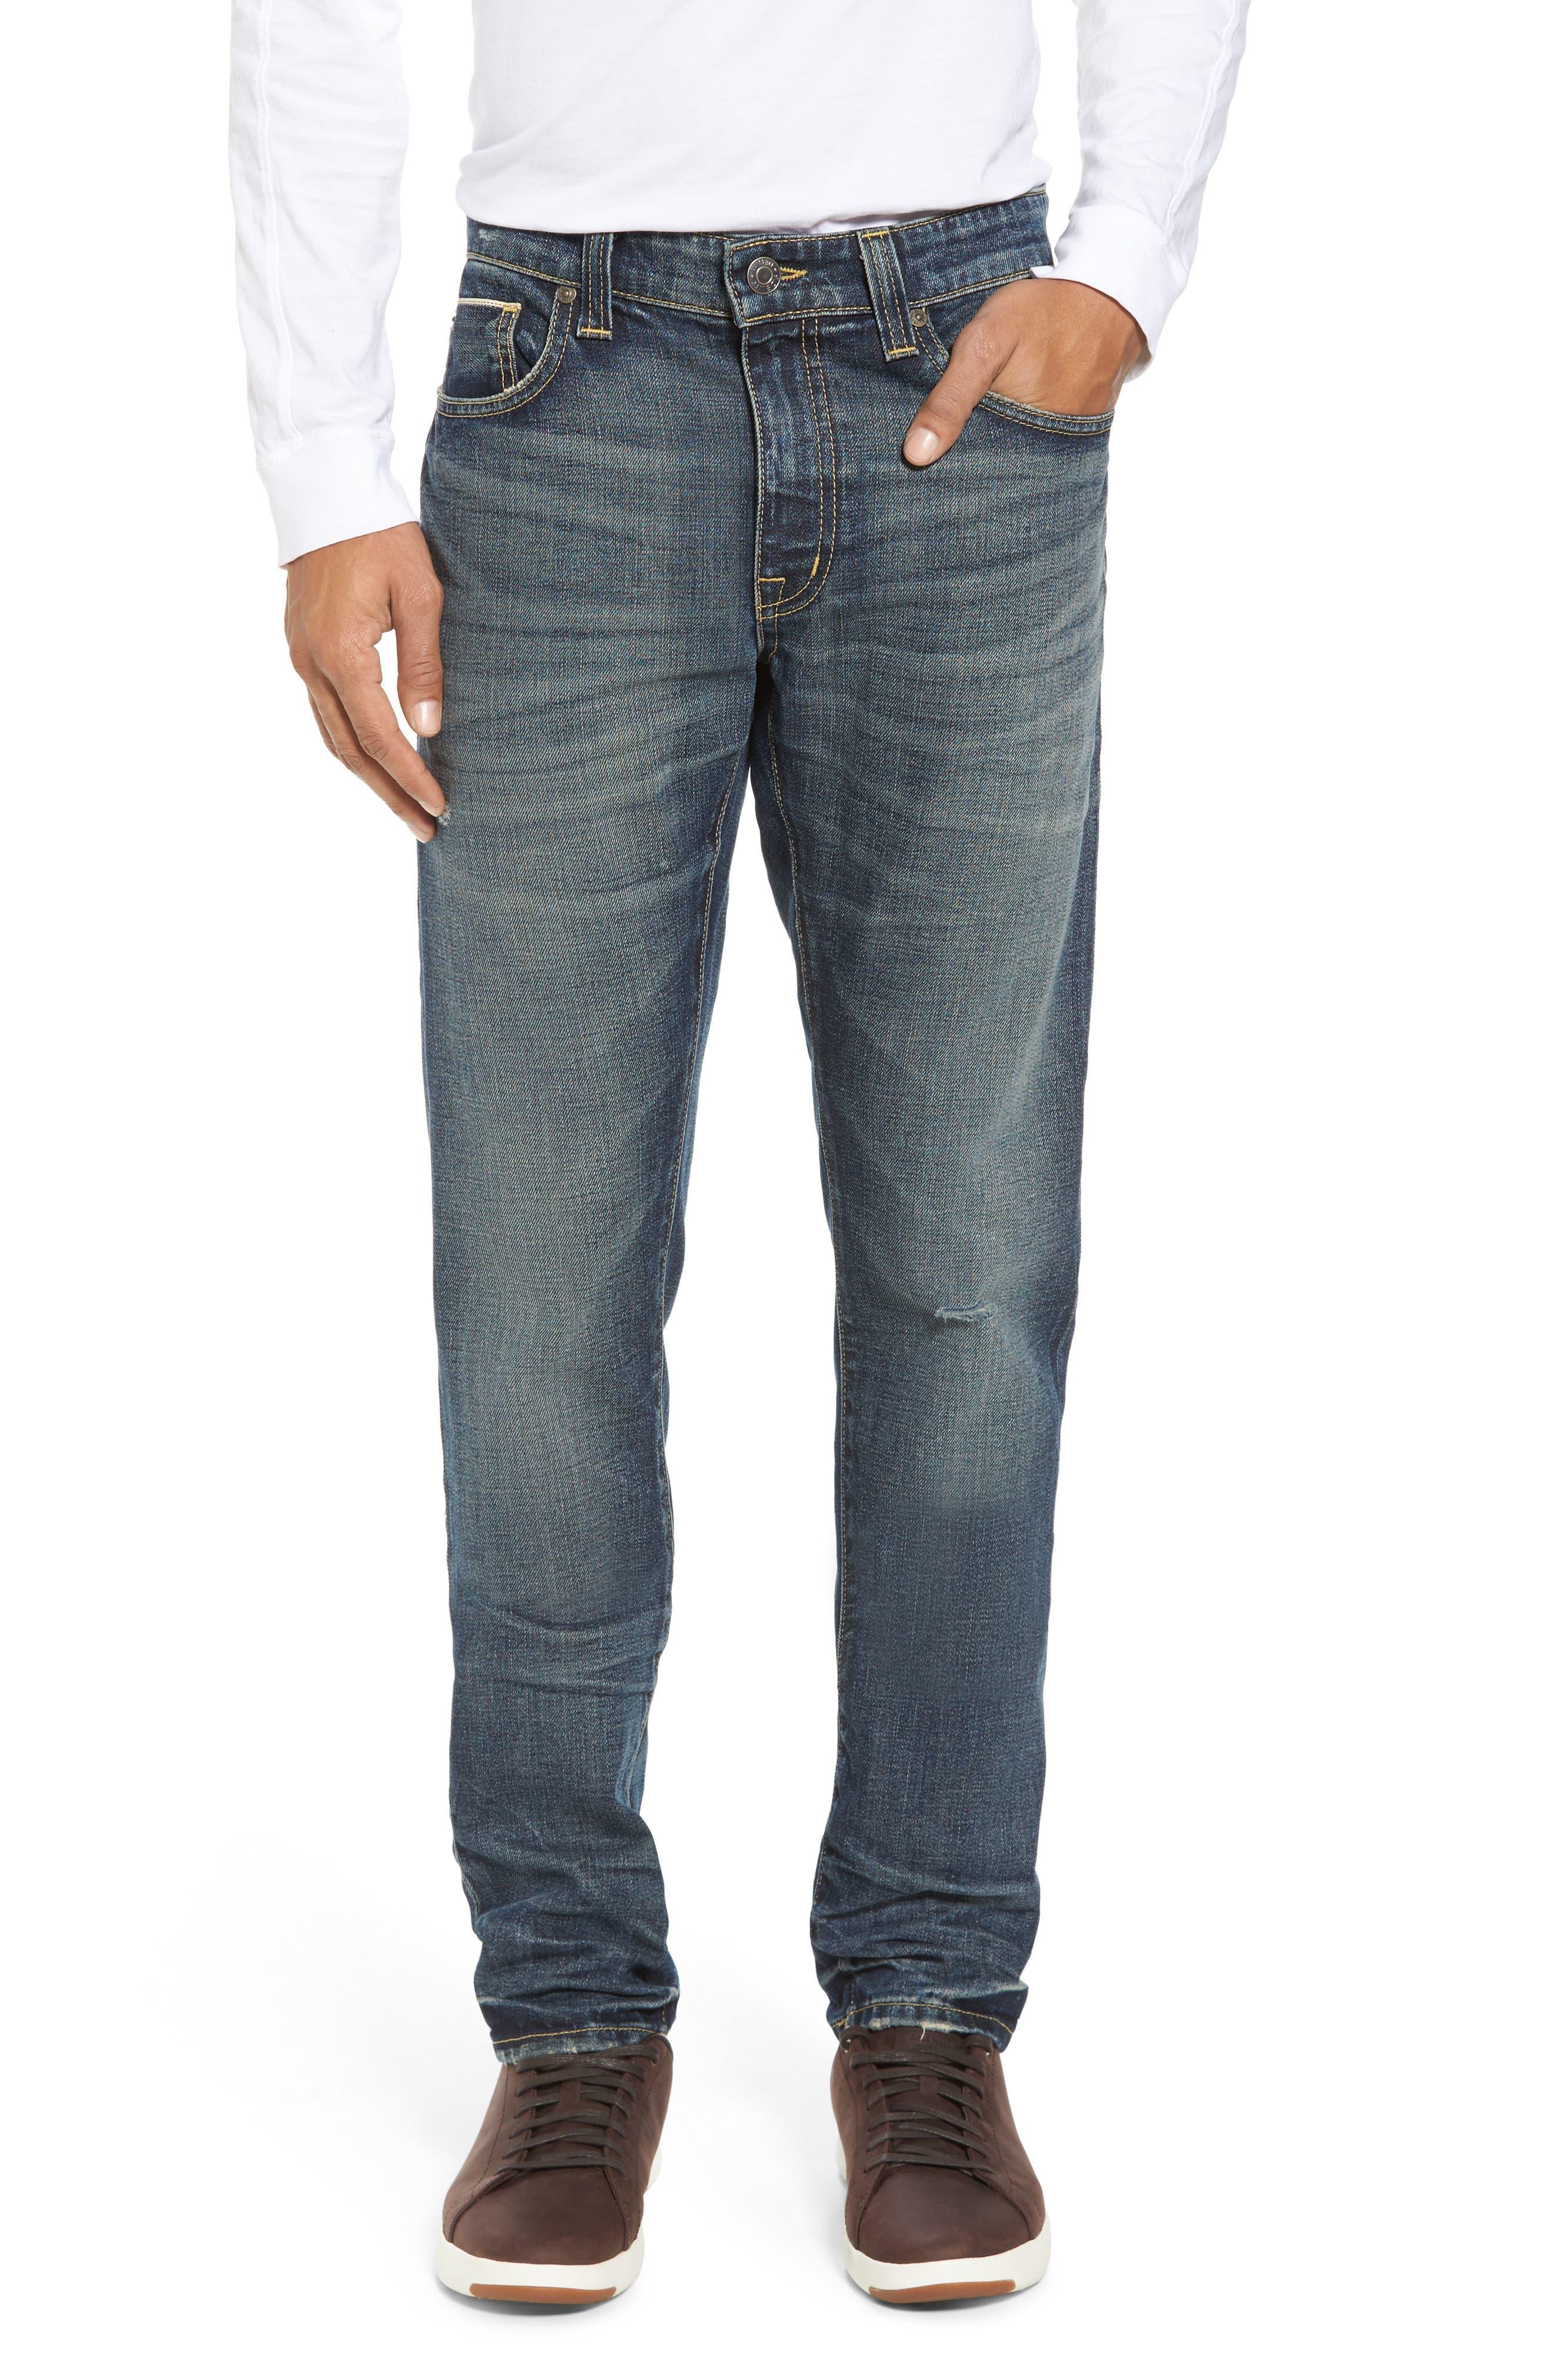 Fideltiy Denim Torino Slim Fit Jeans,                         Main,                         color, Crystal Blue